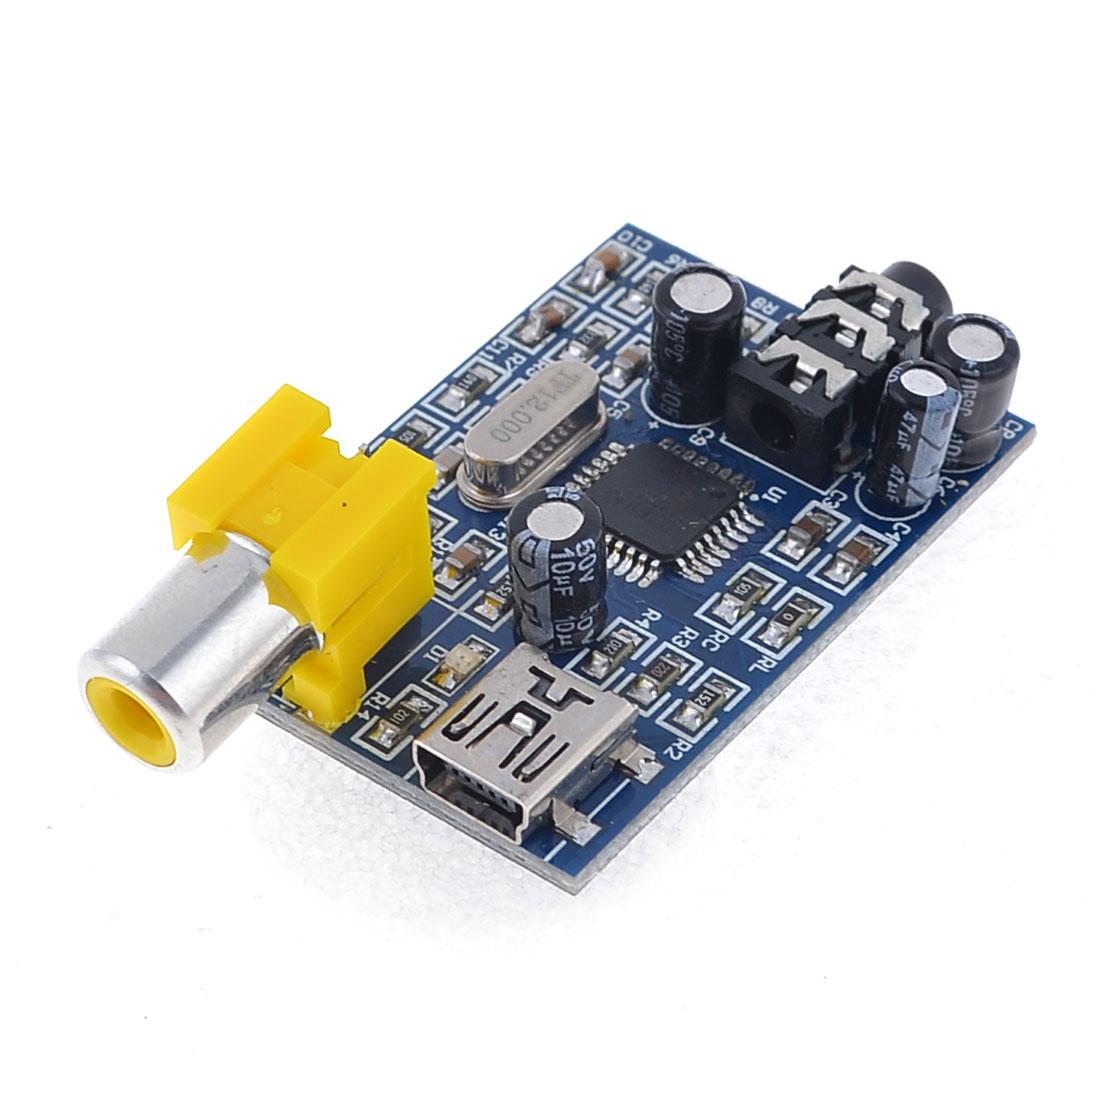 PCM2707 USB DAC Sound Module Blue for Headphones